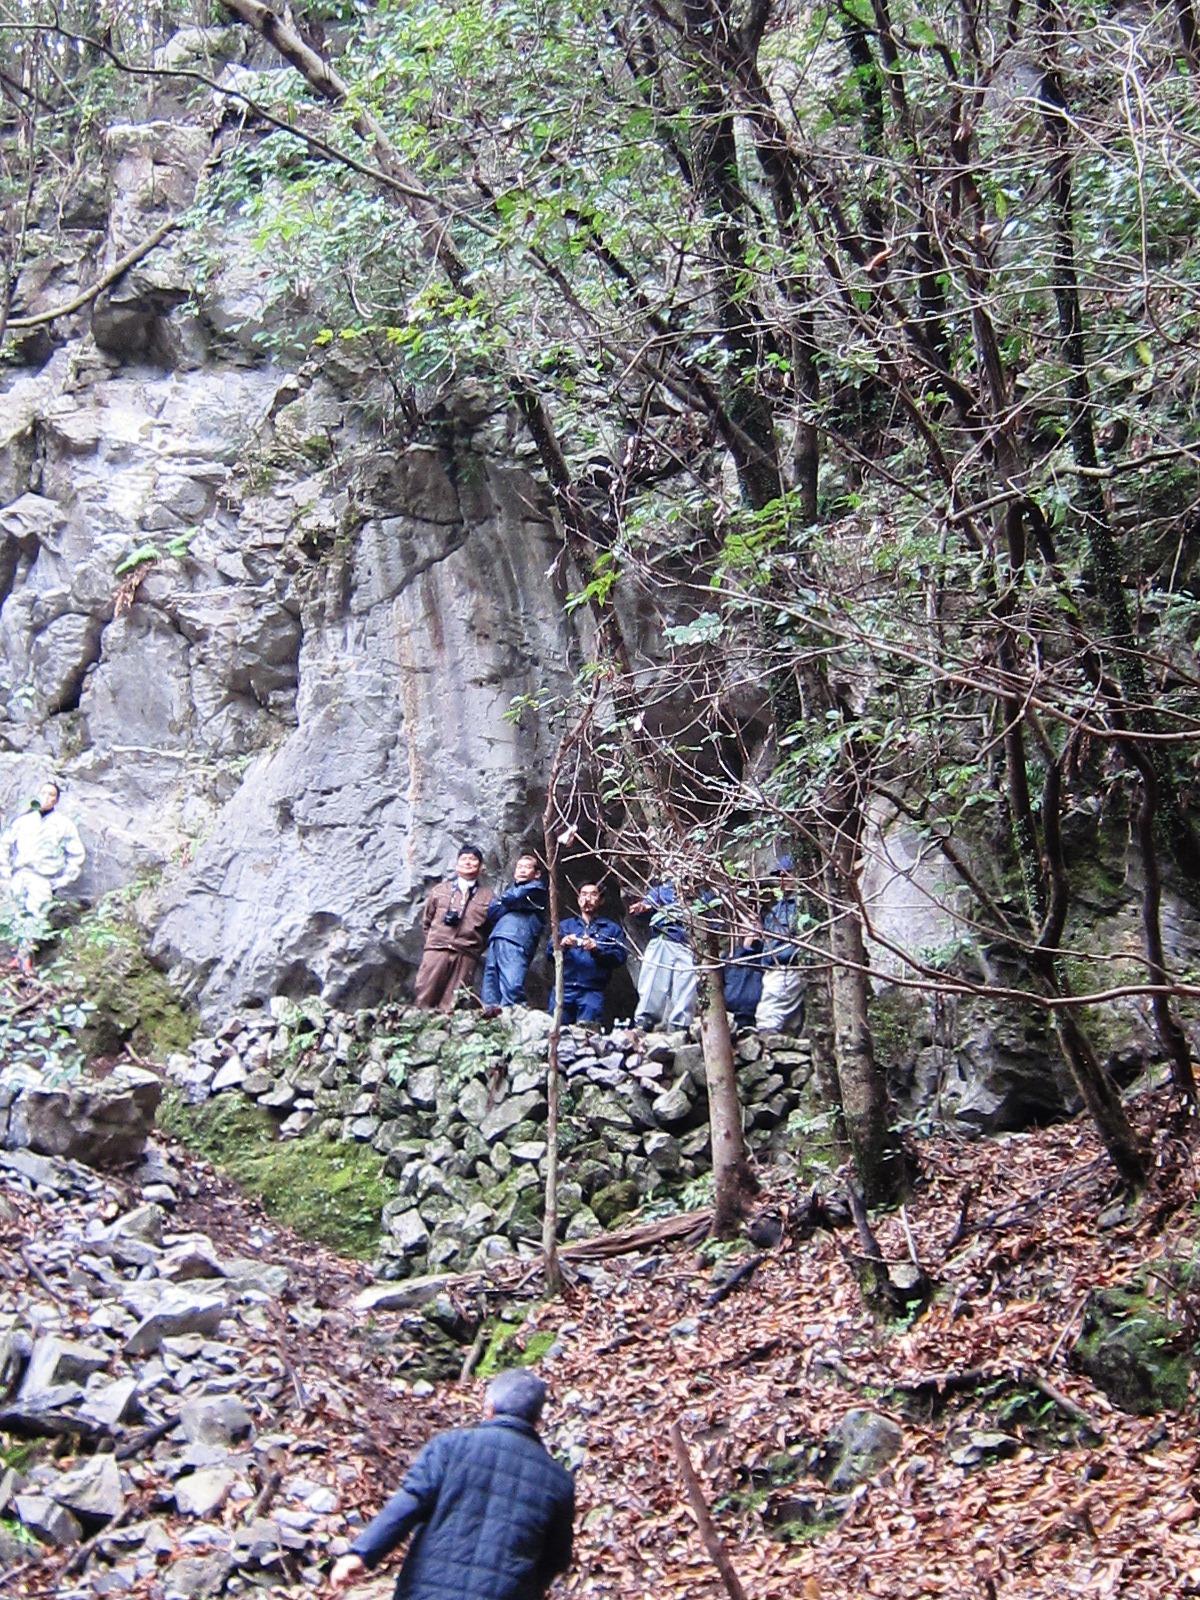 五木村観光協会 事務局Blog: 五木村九折瀬地区の「岩戸六地蔵」